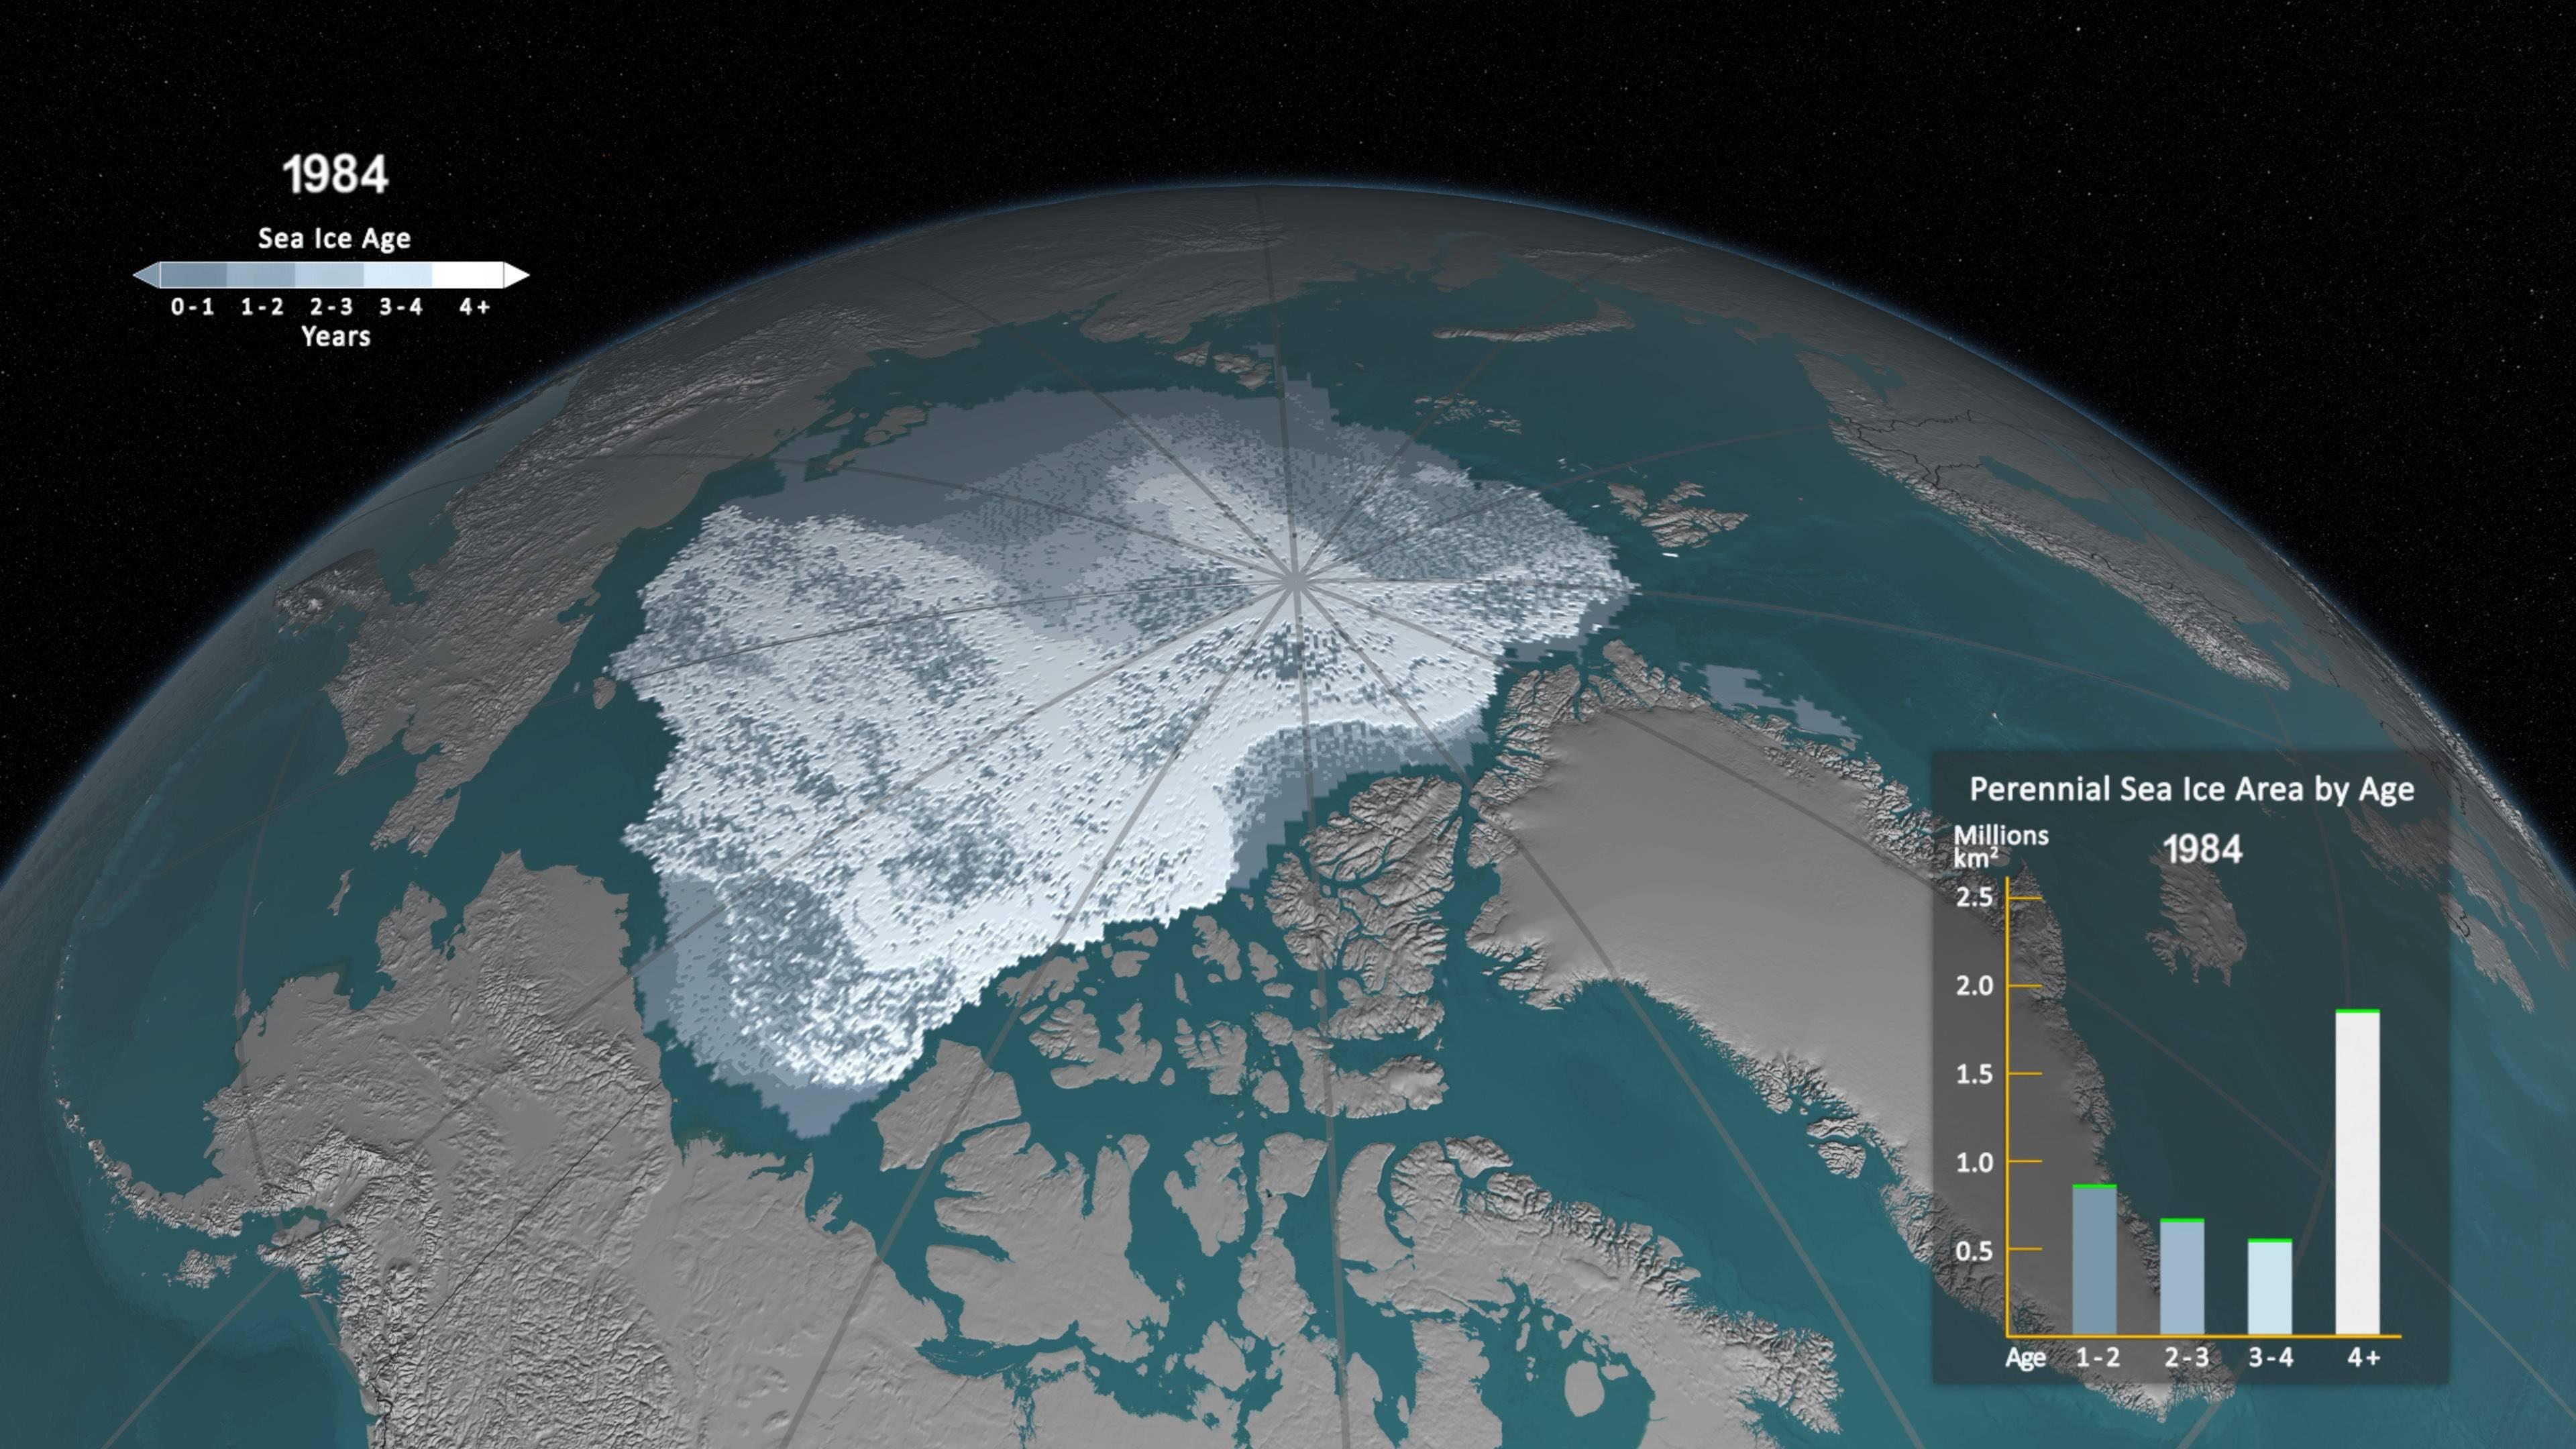 hielo en el oceano artico en 1984 - El Océano Ártico está perdiendo todo su hielo desde 1984